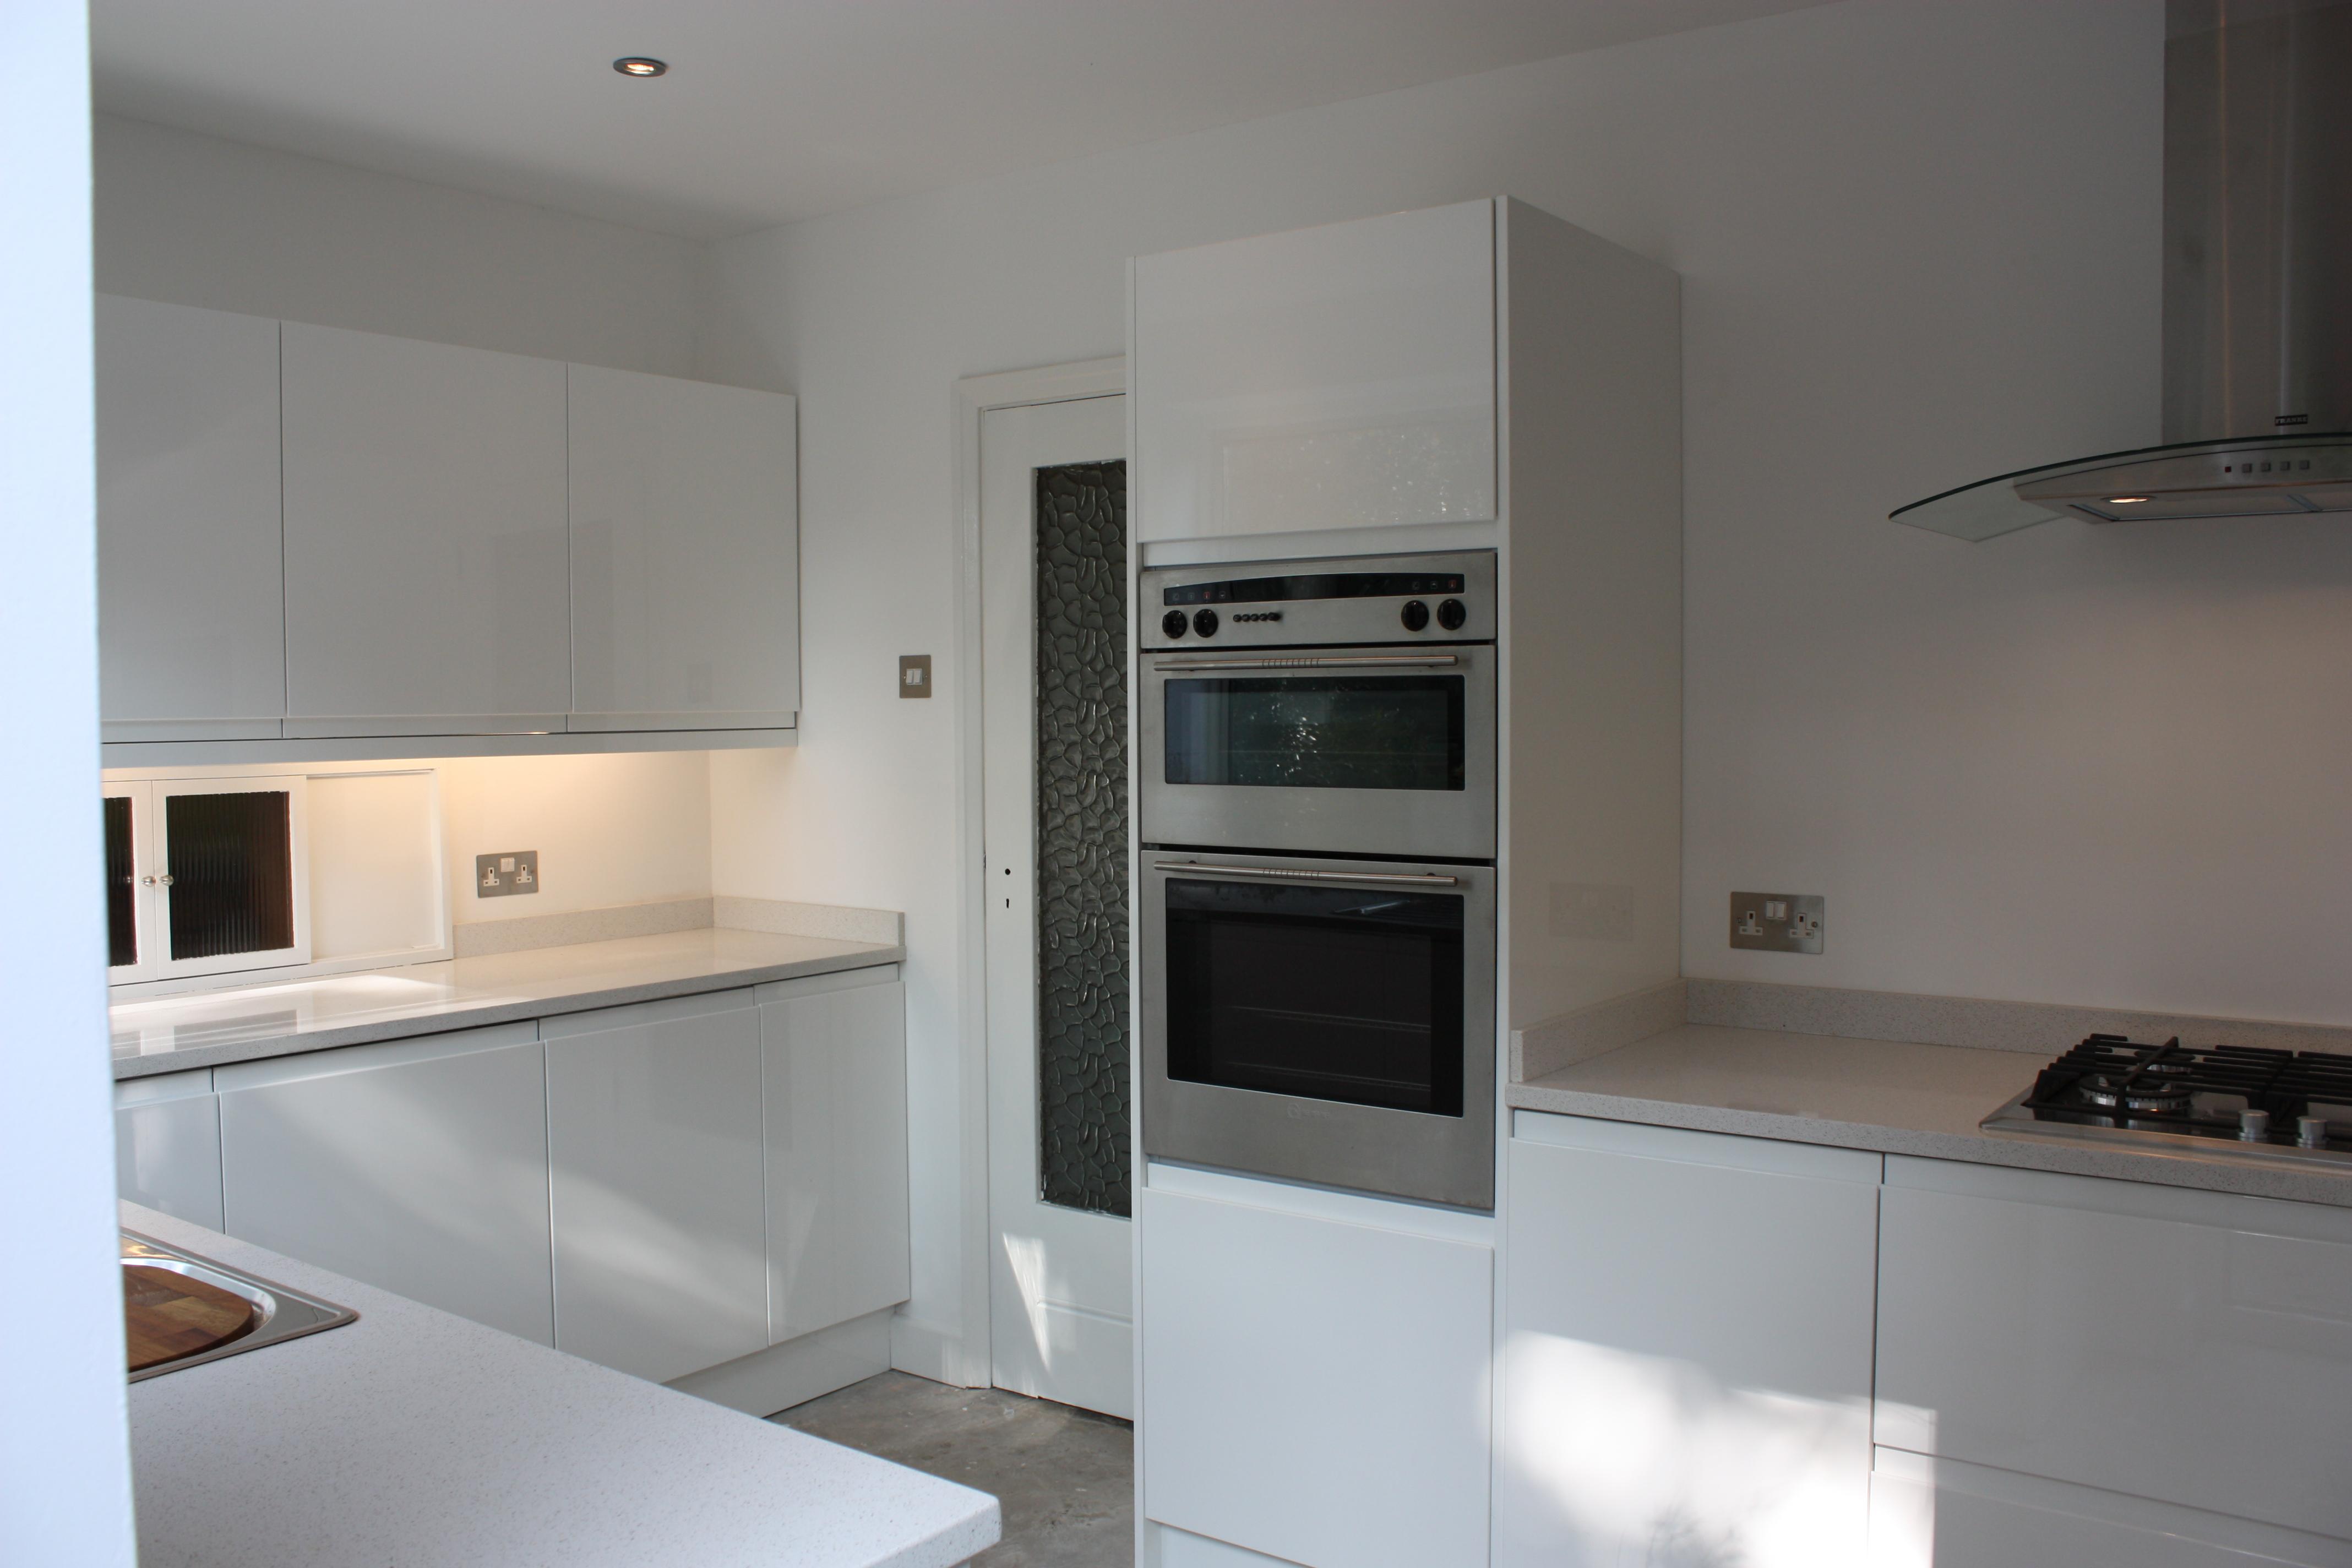 bespoke kitchen storage